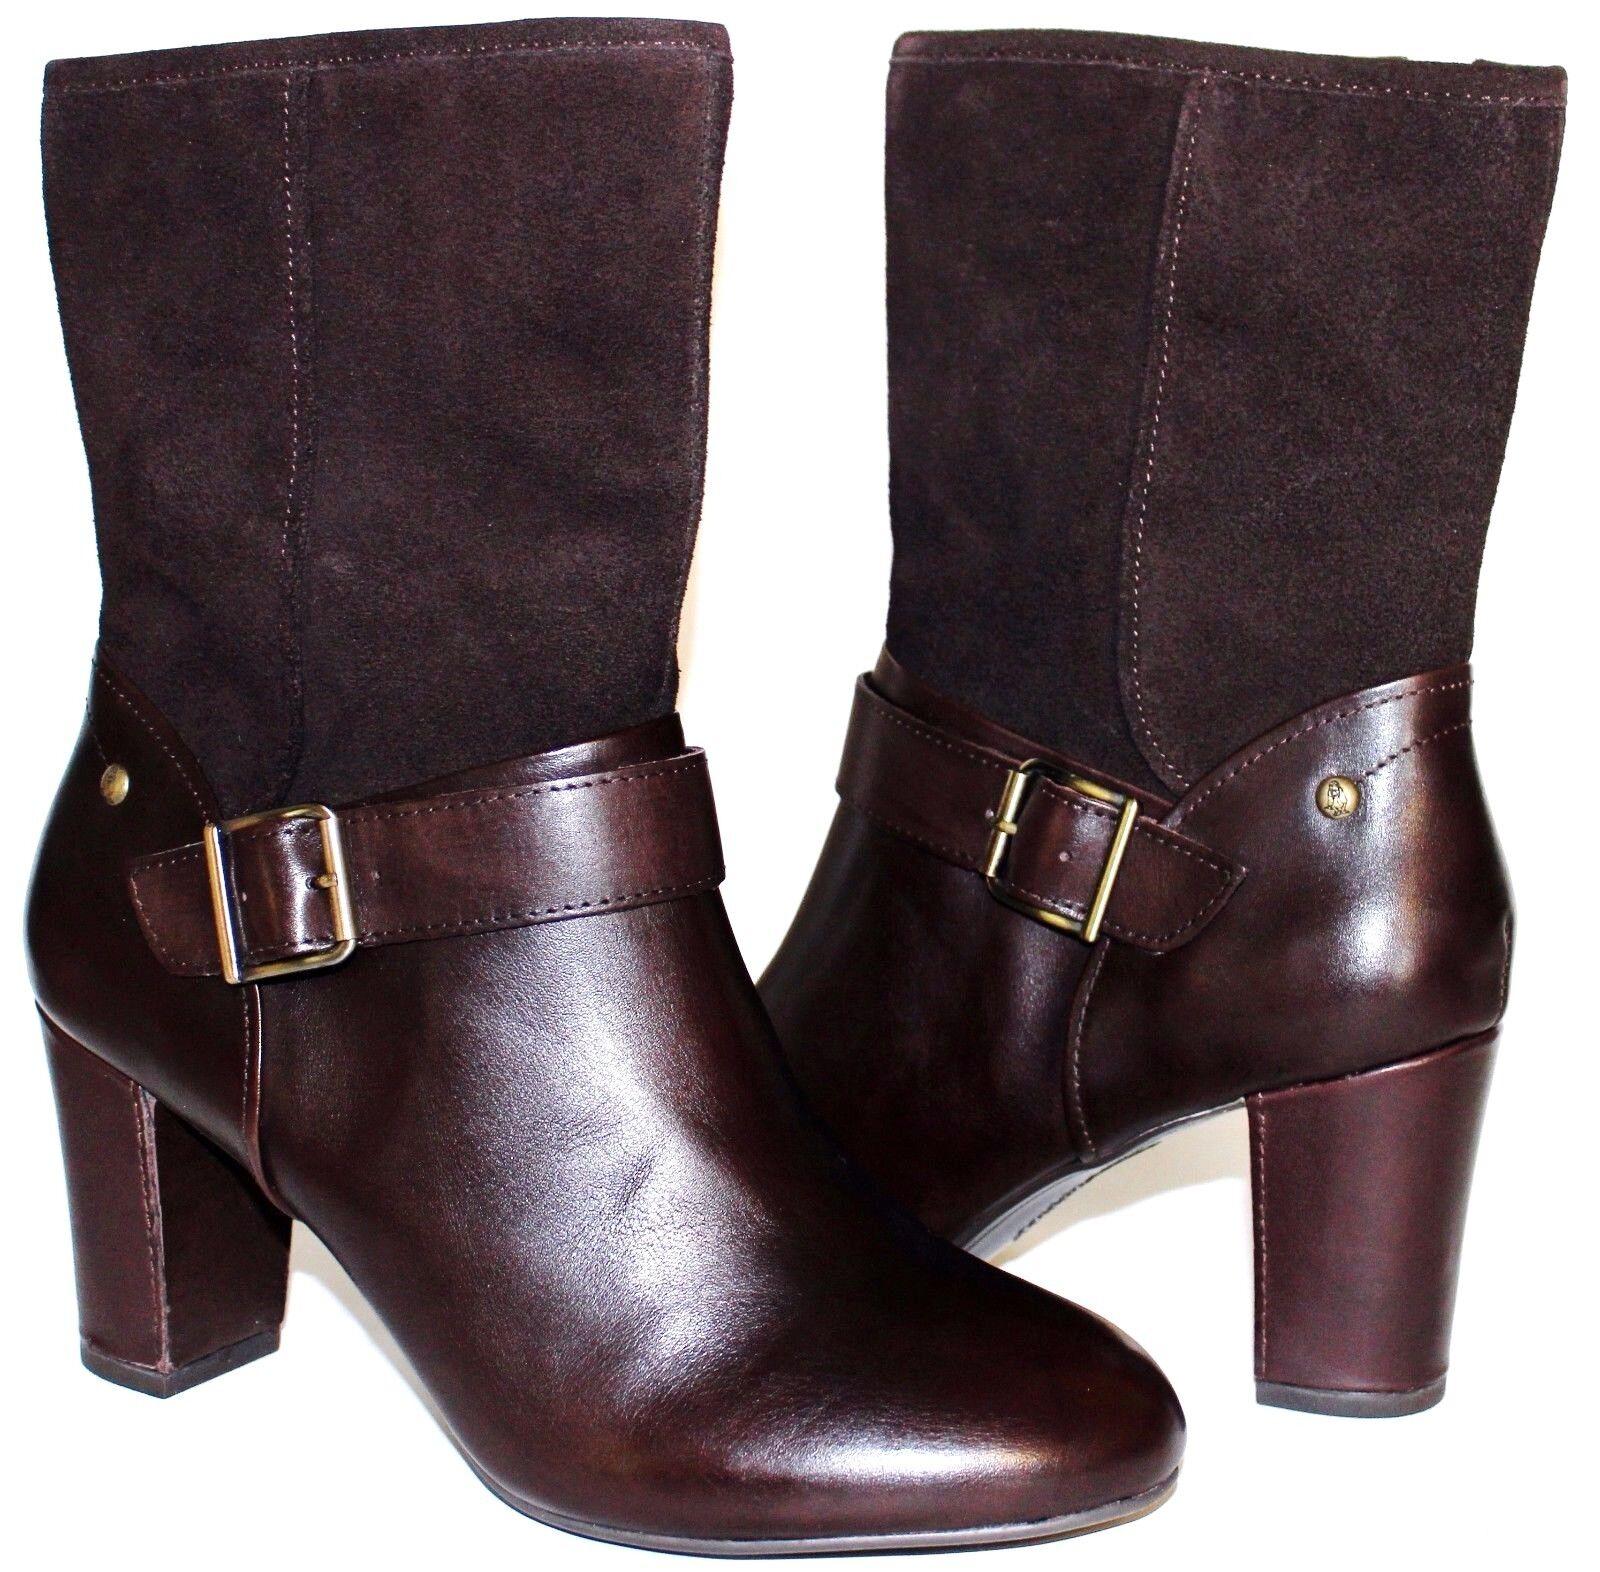 HUSH PUPPIES Waterproof Brown Premium Leather 3  Heel Zip Boots 10 W NEW  L@@K